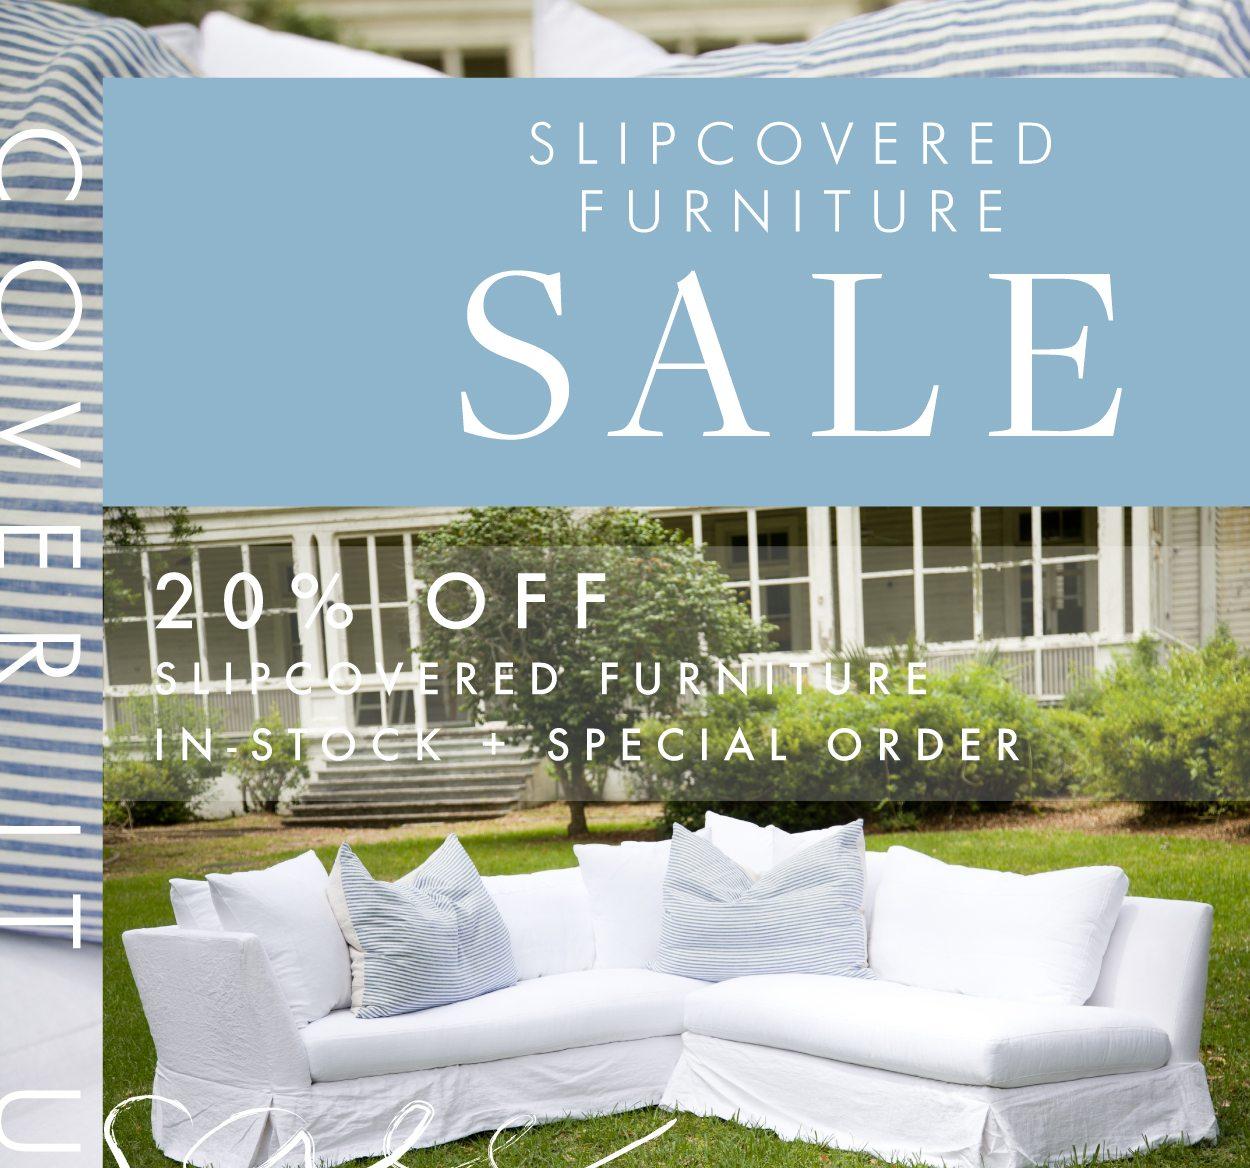 slipcover-sale-square